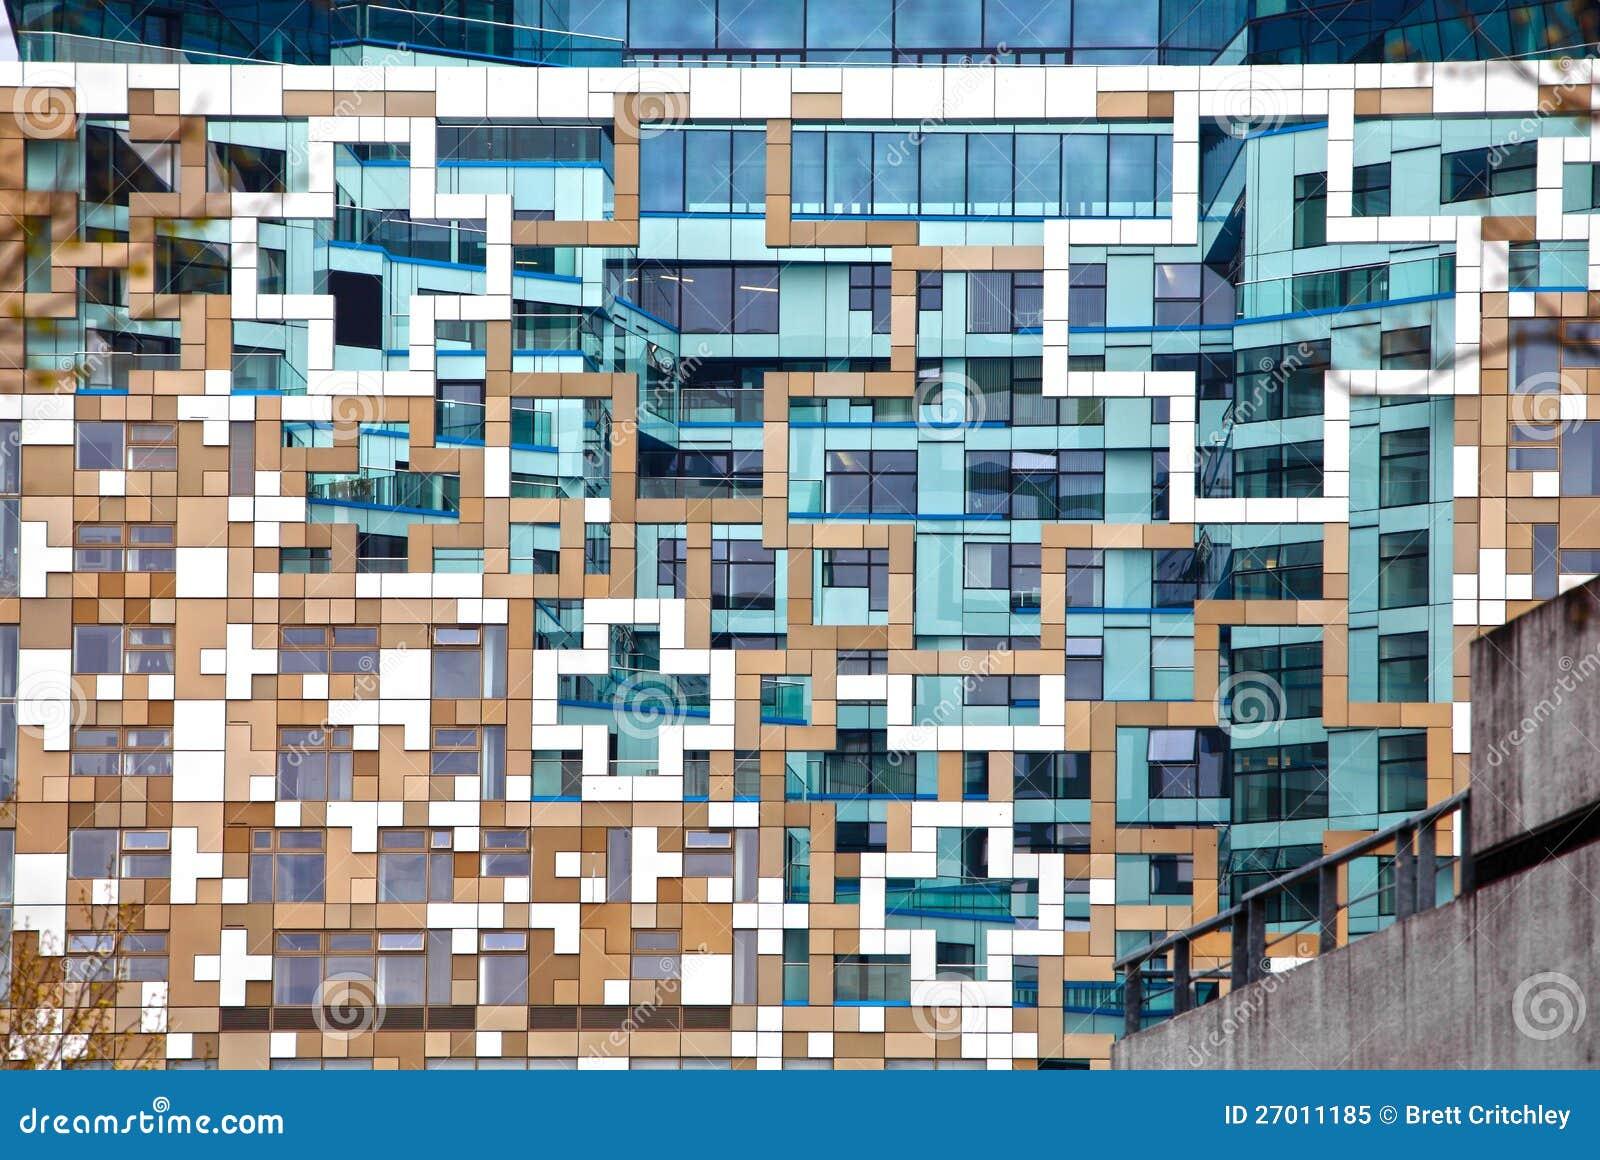 Moderne zeitgenössische Architekturfassade